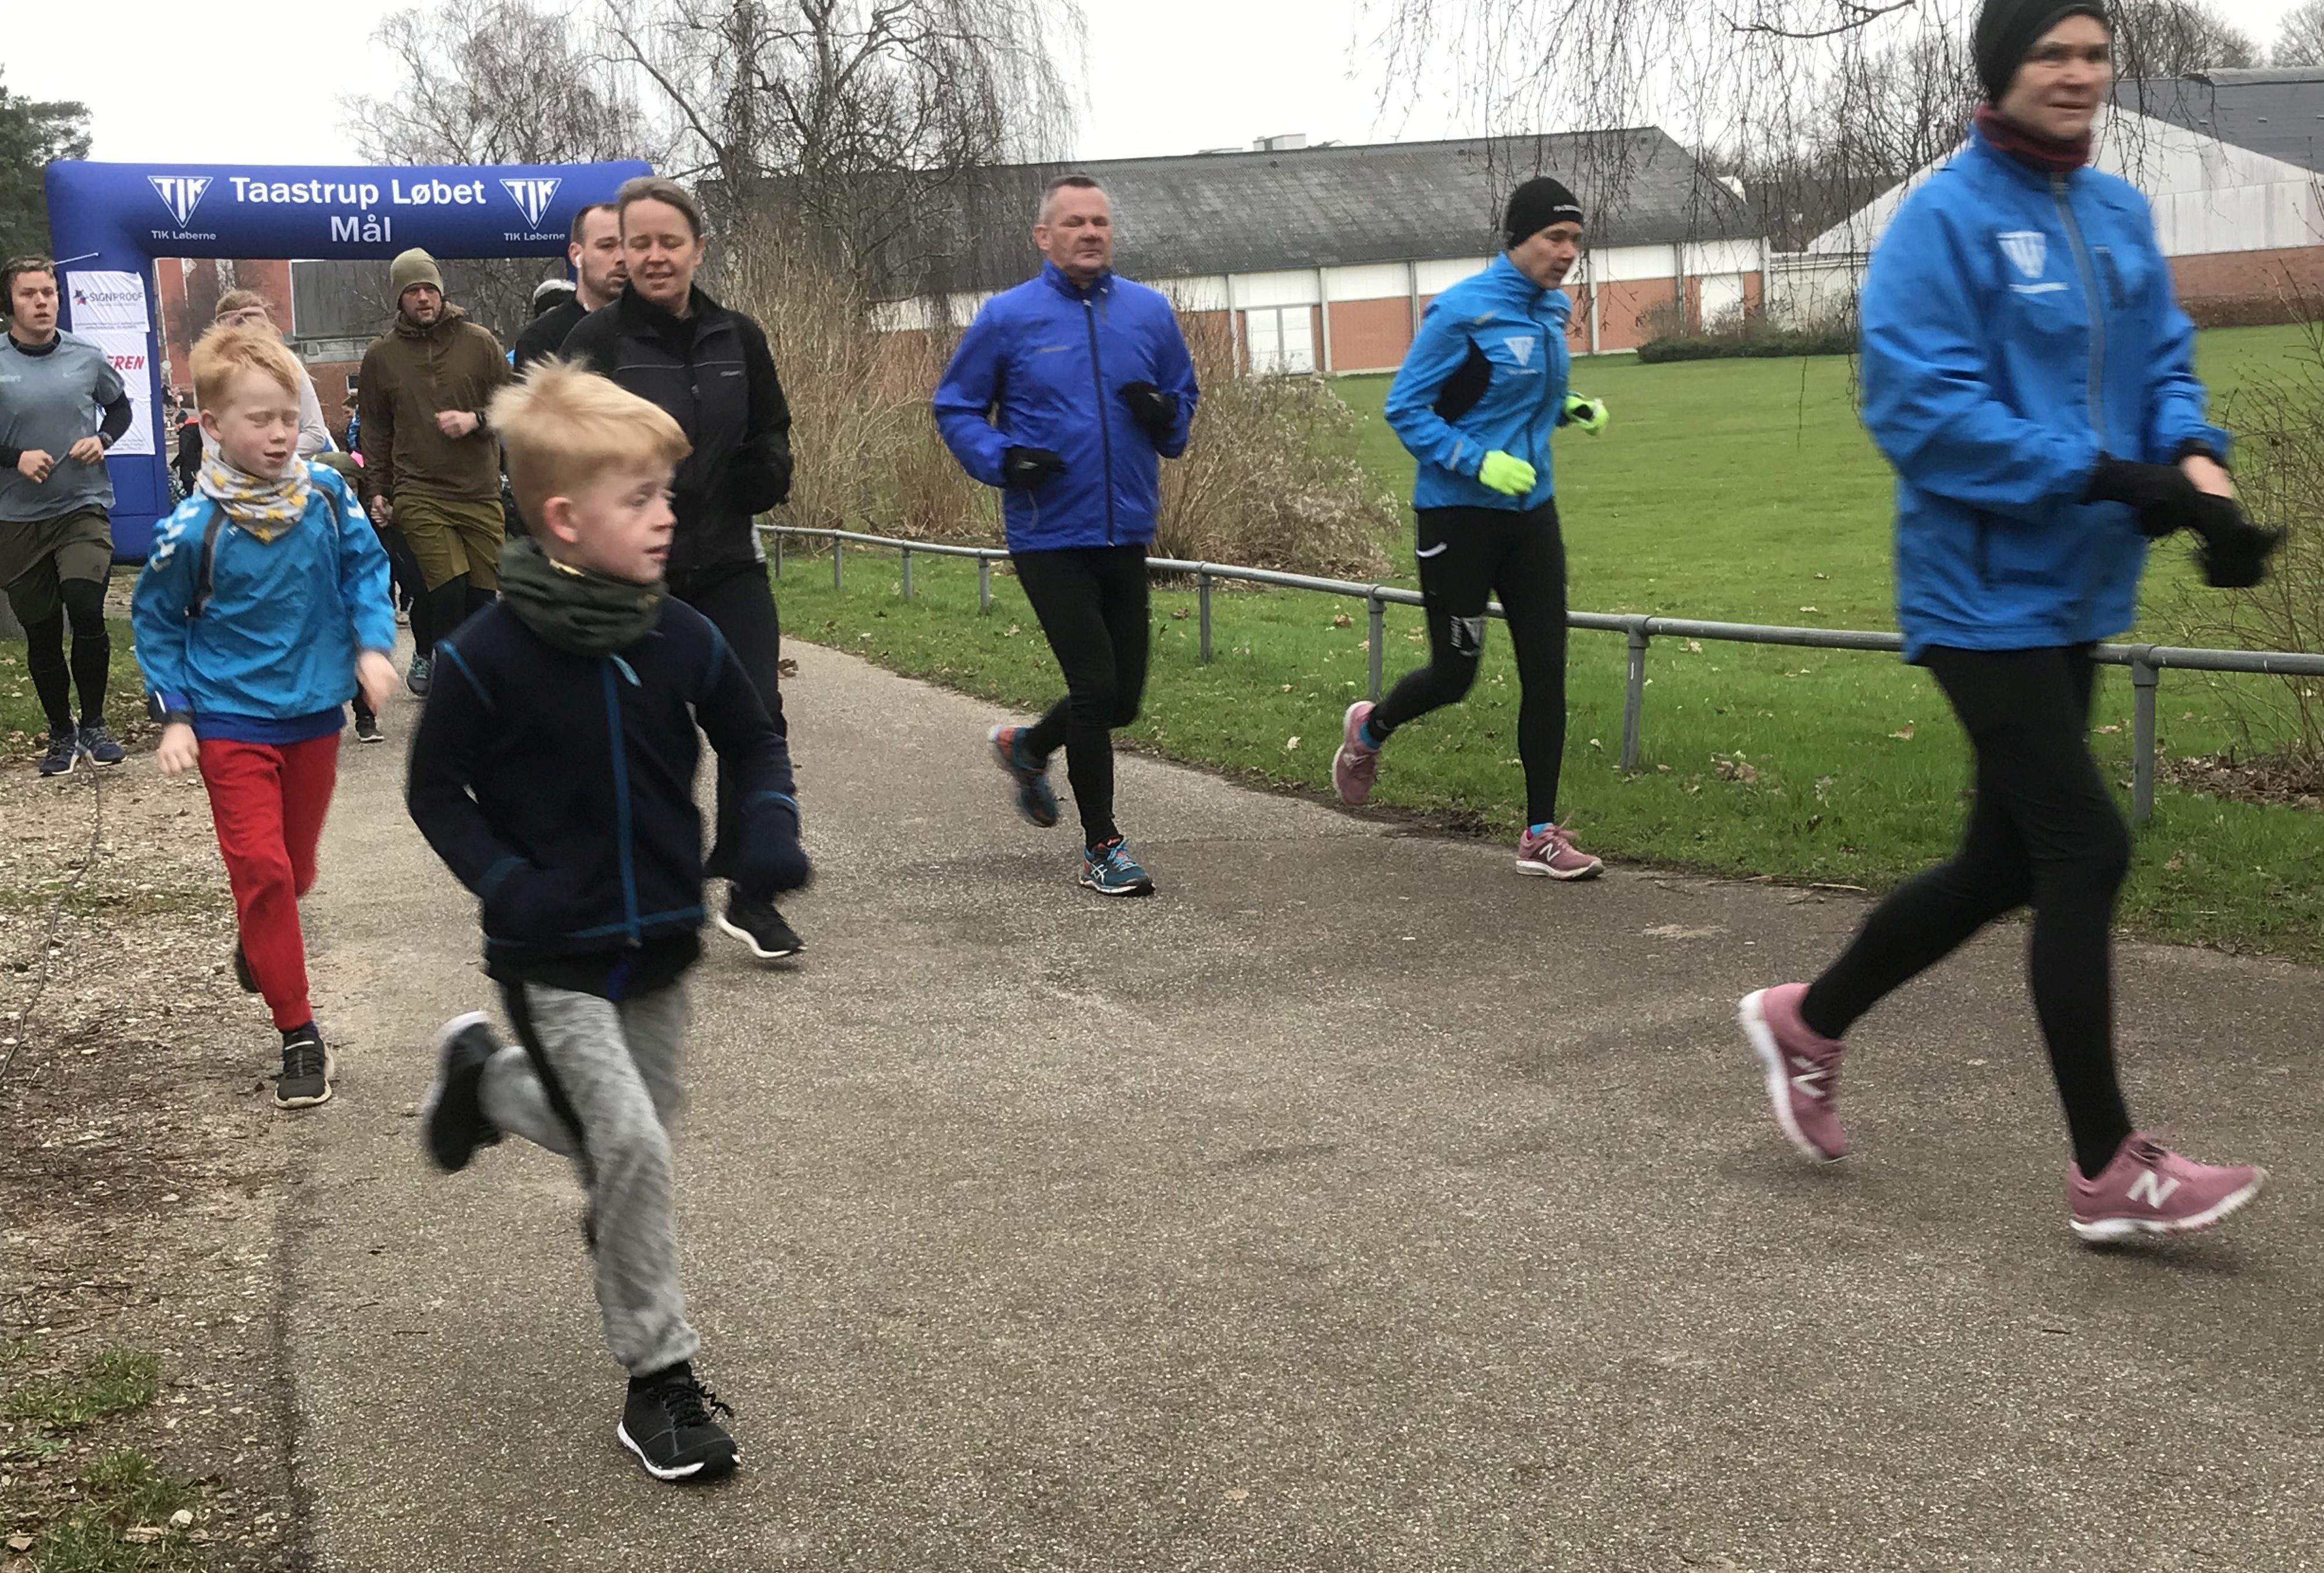 2020-02-09-335-Taastrup-Løbet-2020-02